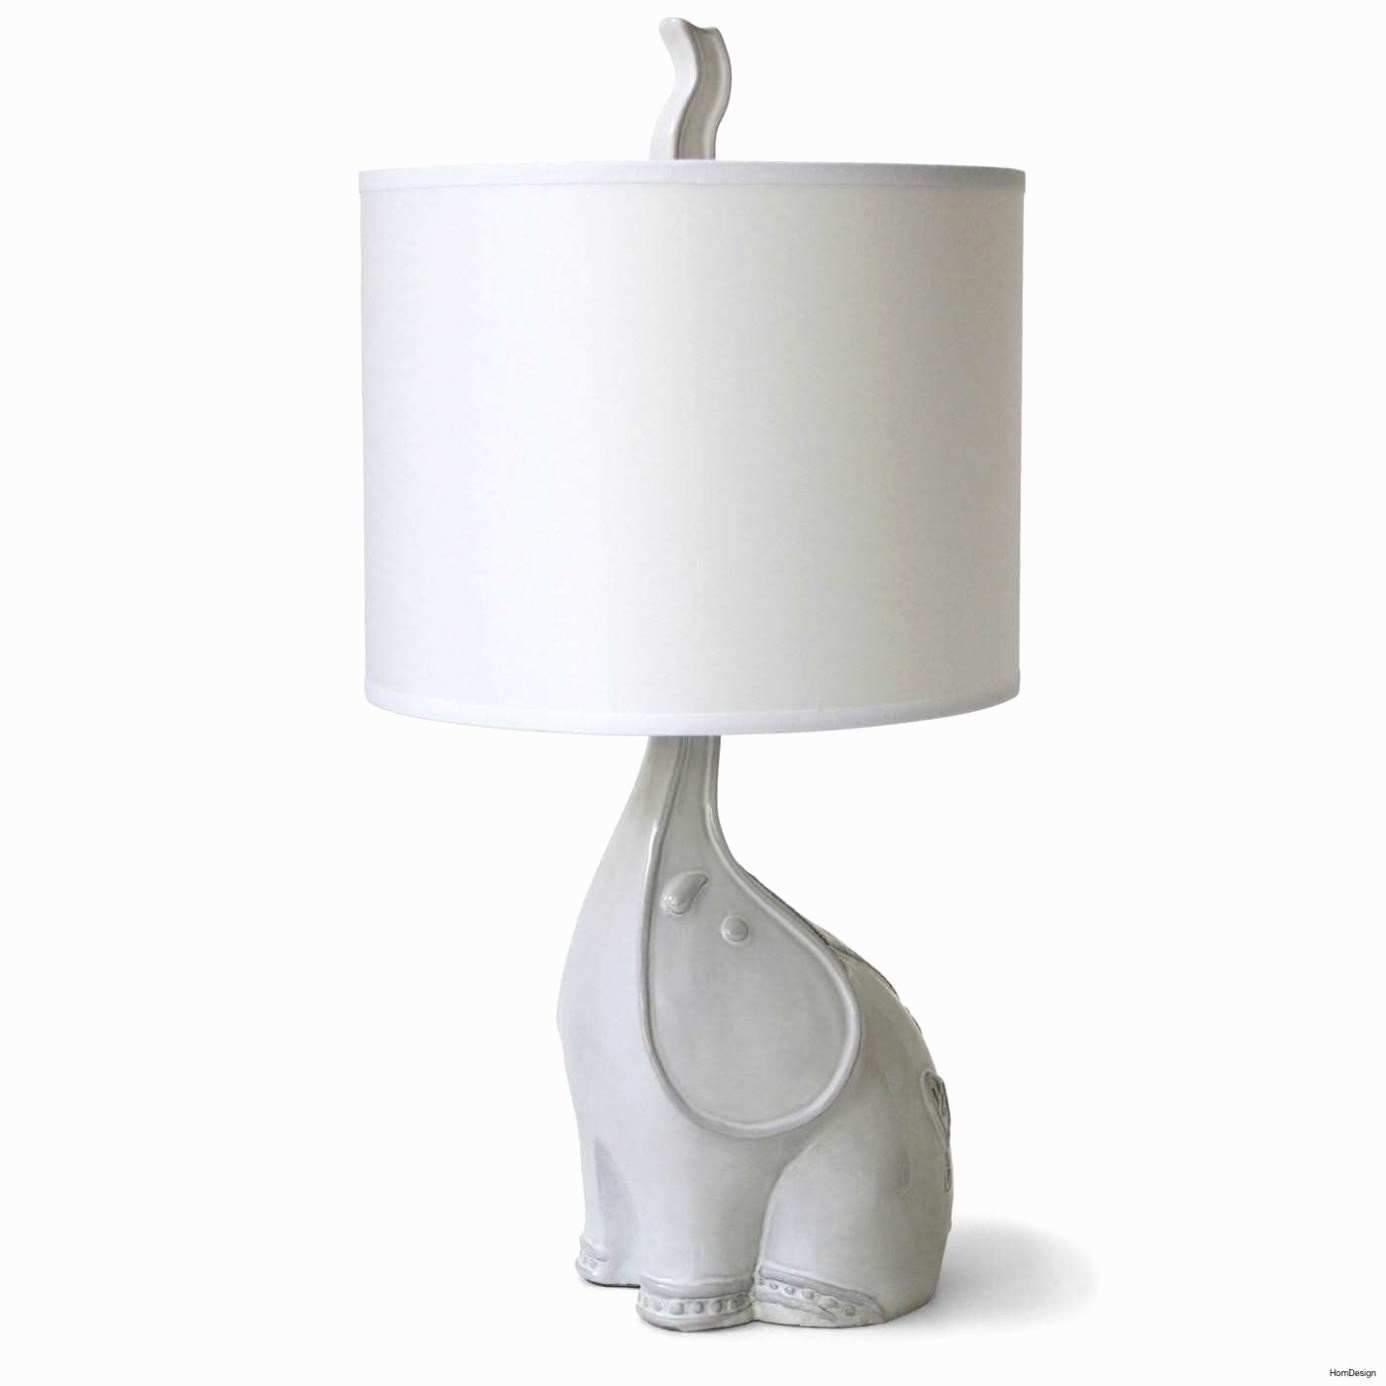 Full Size of Stehlampe Dimmbar Leselampe Wohnzimmer Einzigartig 53 Neu Led Mit Schlafzimmer Stehlampen Wohnzimmer Stehlampe Dimmbar